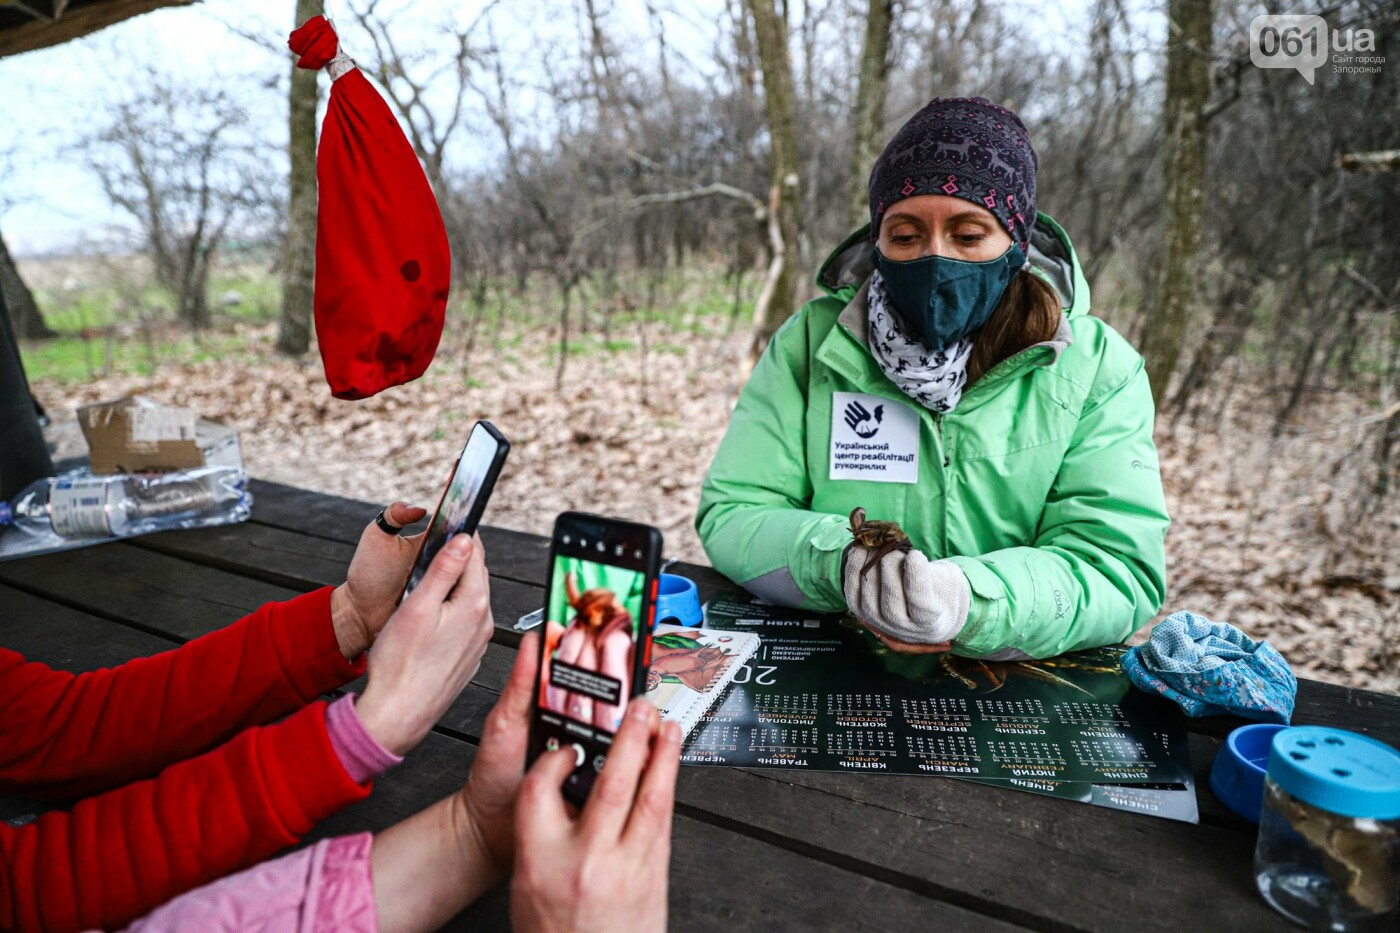 На Хортице выпустили более 700 летучих мышей, спасенных волонтерами, - ФОТОРЕПОРТАЖ, фото-1